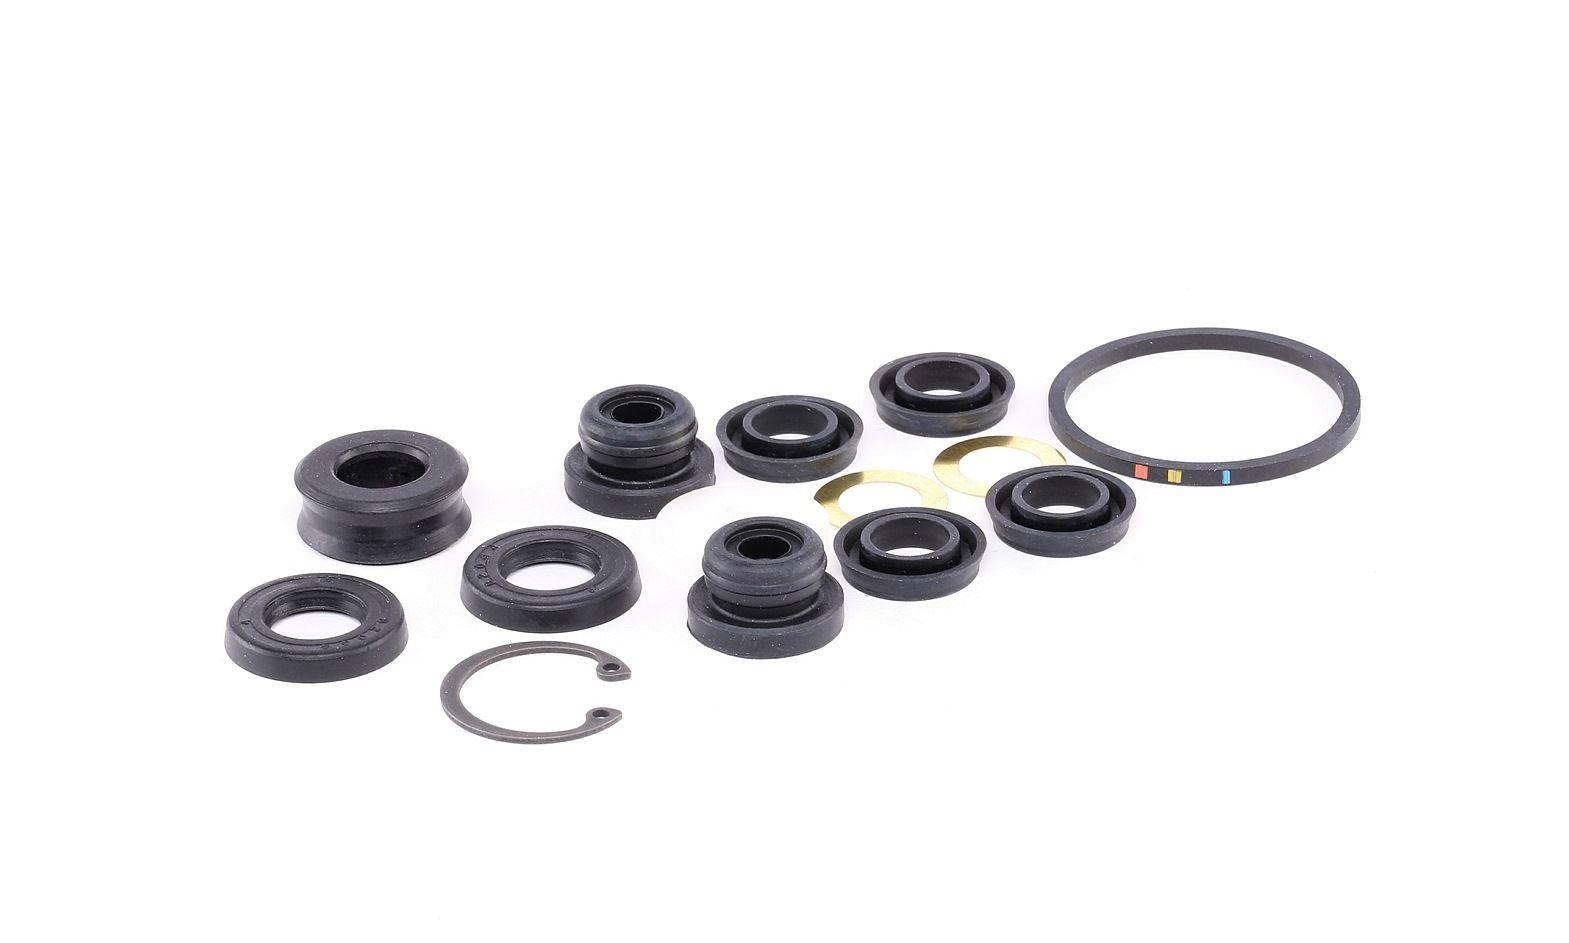 Kits de reparación D1123 con buena relación AUTOFREN SEINSA calidad-precio